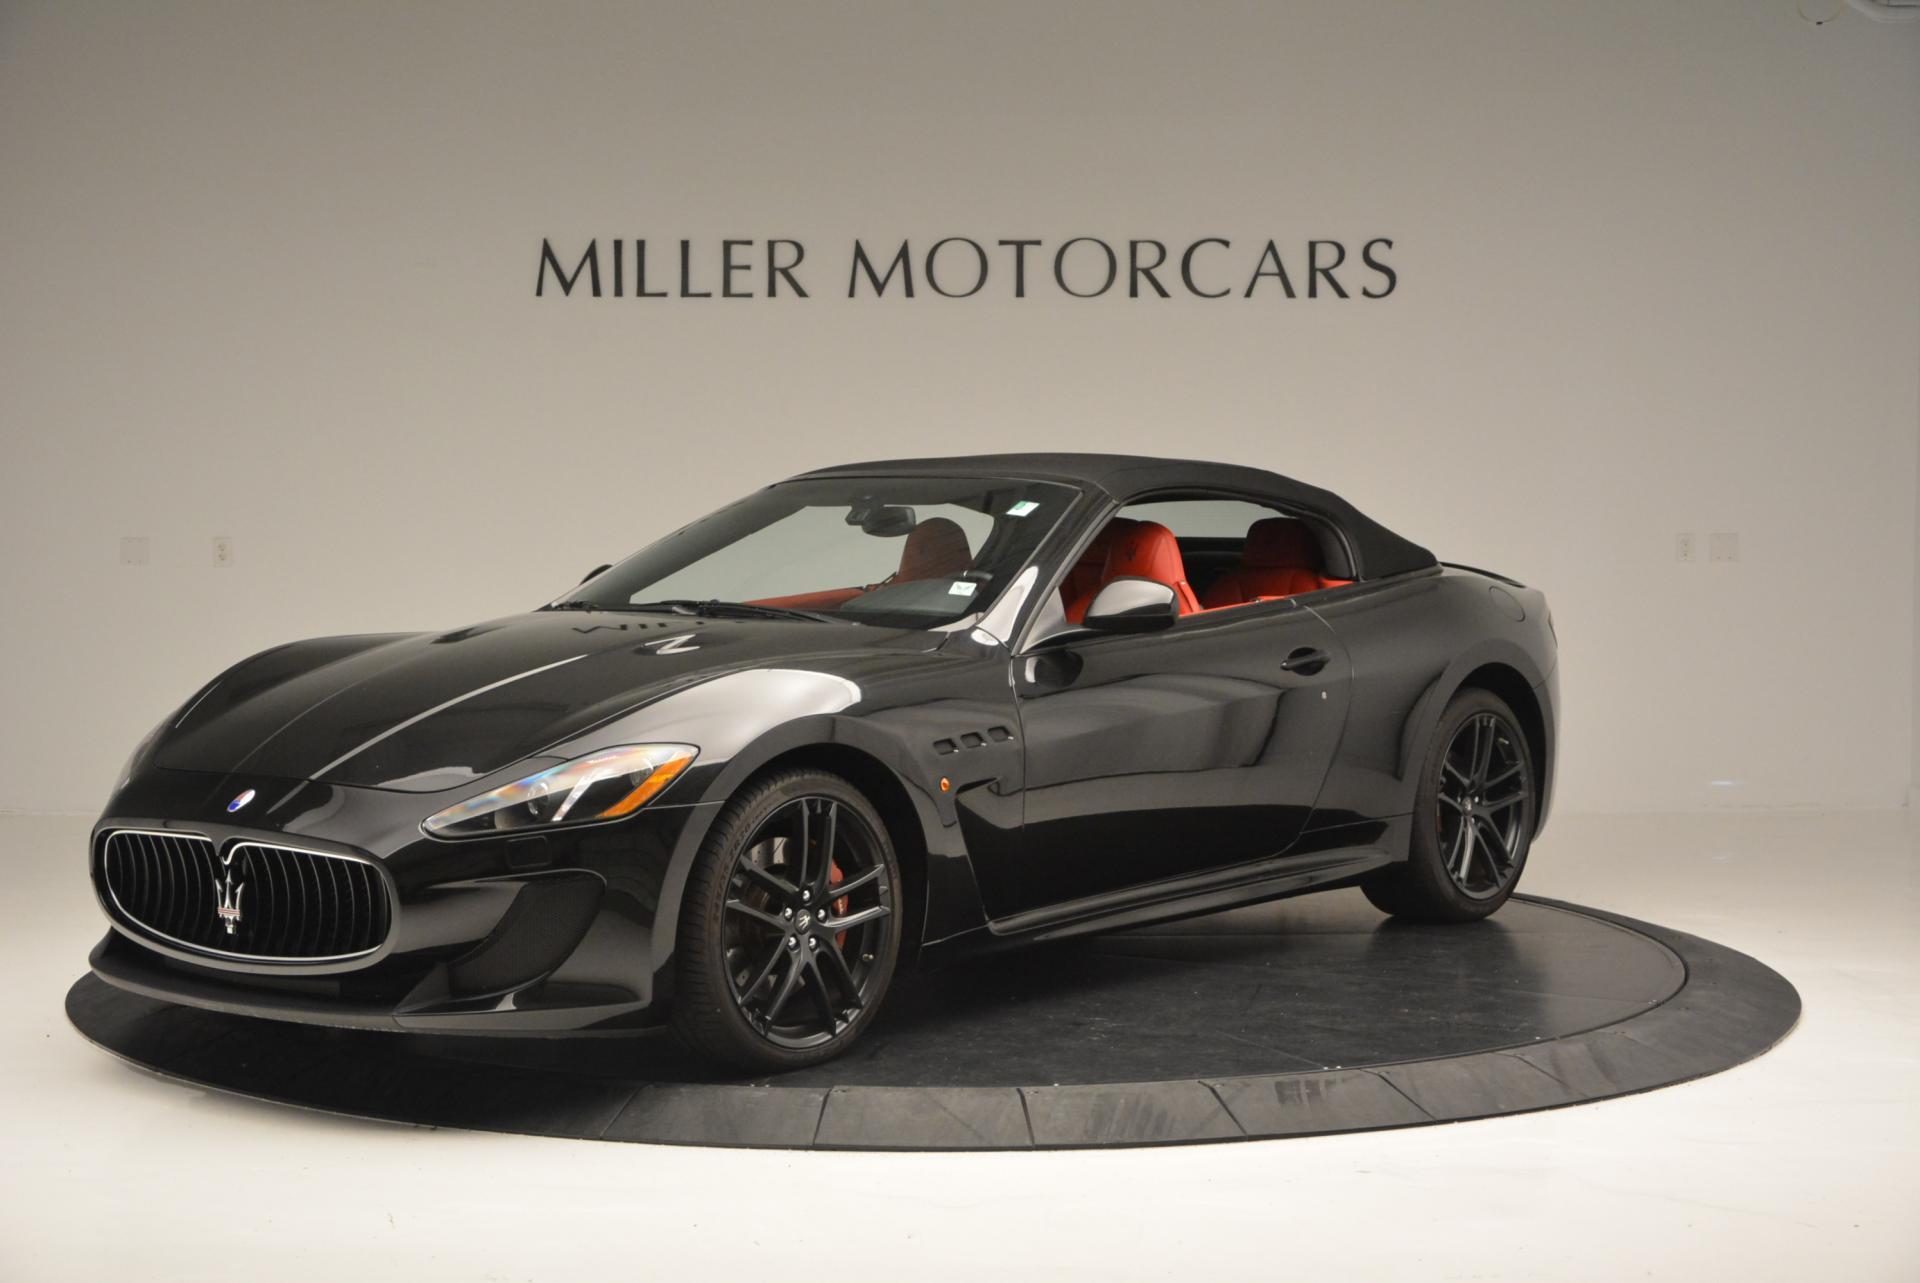 Used 2013 Maserati GranTurismo MC For Sale In Greenwich, CT. Alfa Romeo of Greenwich, 7081 521_p14